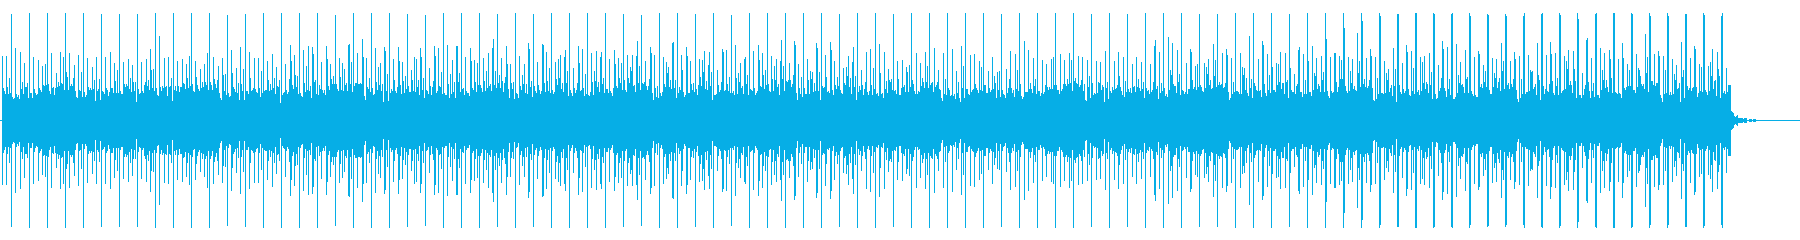 切ない・温かい・優しい チルアウトの再生済みの波形